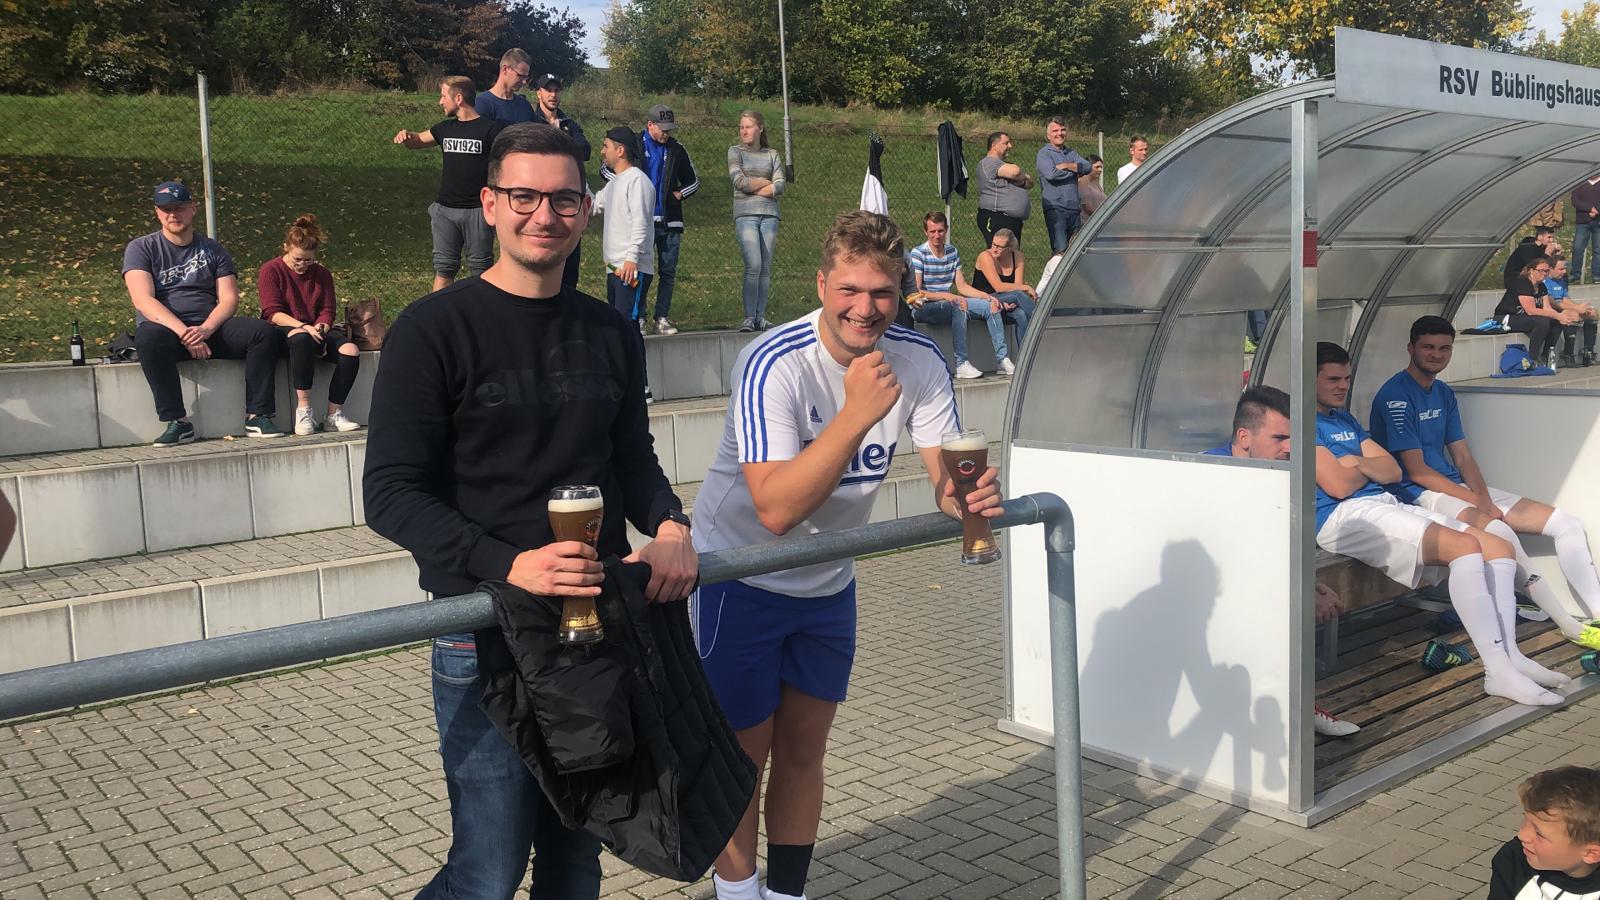 RSV dreifacher Derbysieger mit 21 Toren